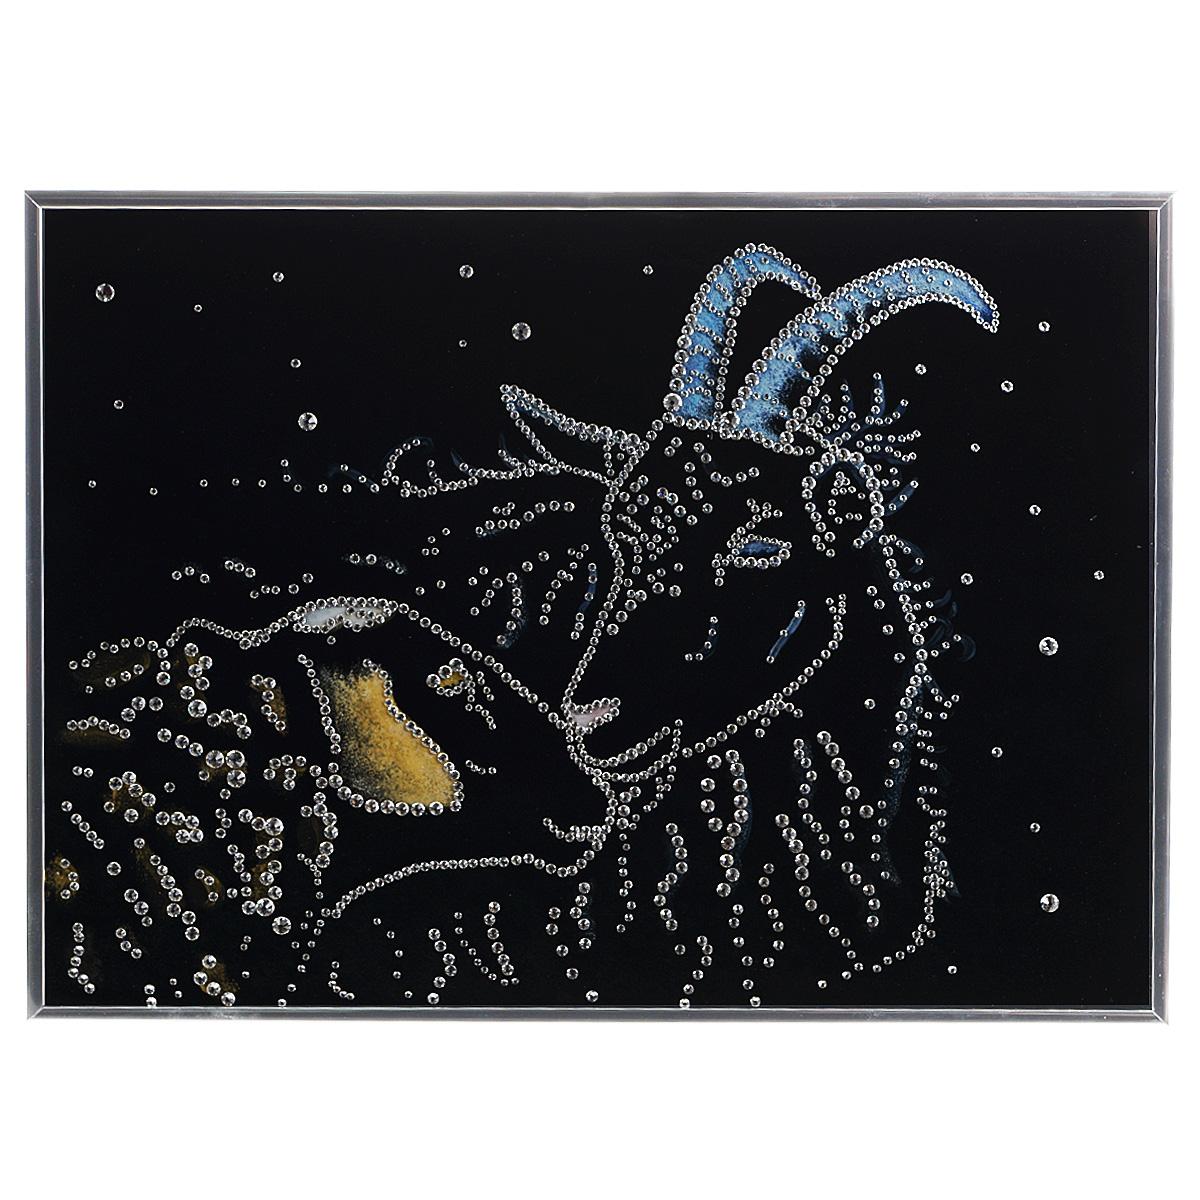 Картина с кристаллами Swarovski Овечка и козел, 40 см х 30 см853127Изящная картина в алюминиевой раме Овечка и козел инкрустирована кристаллами Swarovski, которые отличаются четкой и ровной огранкой, ярким блеском и чистотой цвета. Идеально подобранная палитра кристаллов прекрасно дополняет картину. С задней стороны изделие оснащено специальной металлической петелькой для размещения на стене. Картина с кристаллами Swarovski элегантно украсит интерьер дома, а также станет прекрасным подарком, который обязательно понравится получателю. Блеск кристаллов в интерьере - что может быть сказочнее и удивительнее. Изделие упаковано в подарочную картонную коробку синего цвета и комплектуется сертификатом соответствия Swarovski.